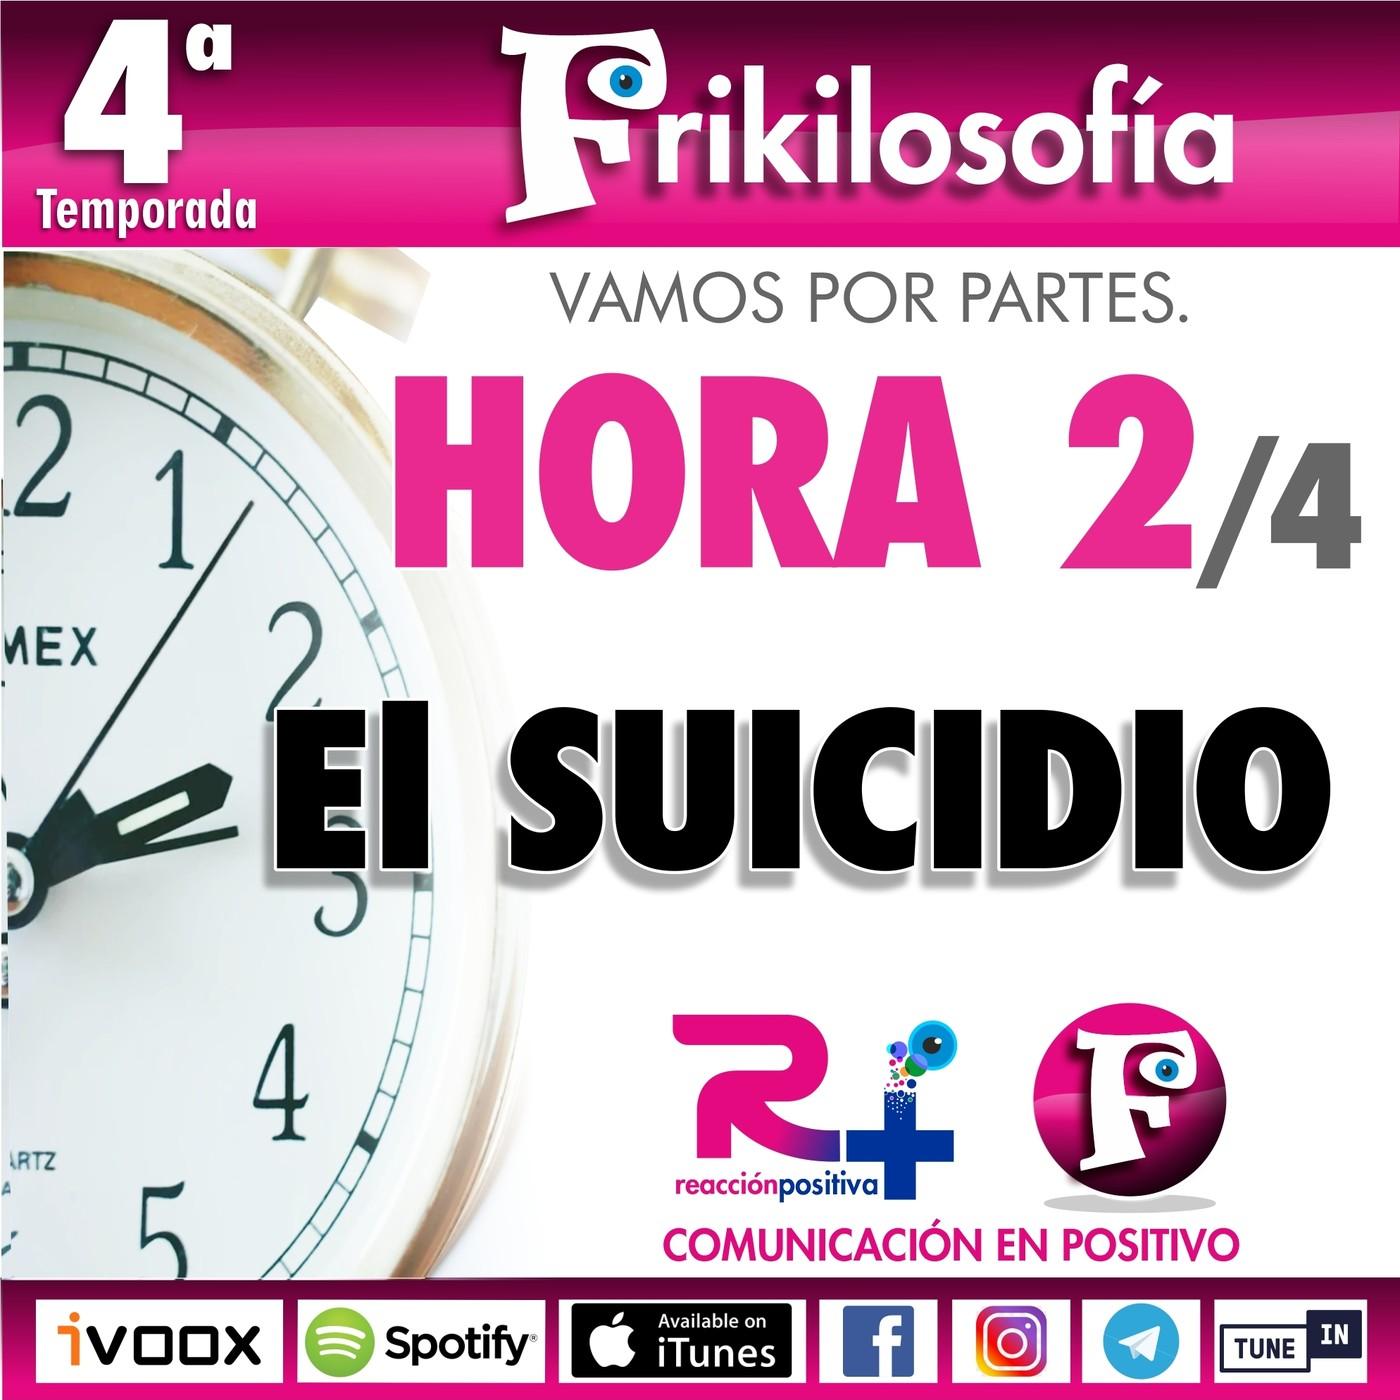 Segunda hora. 2/4. EL SUICIDIO